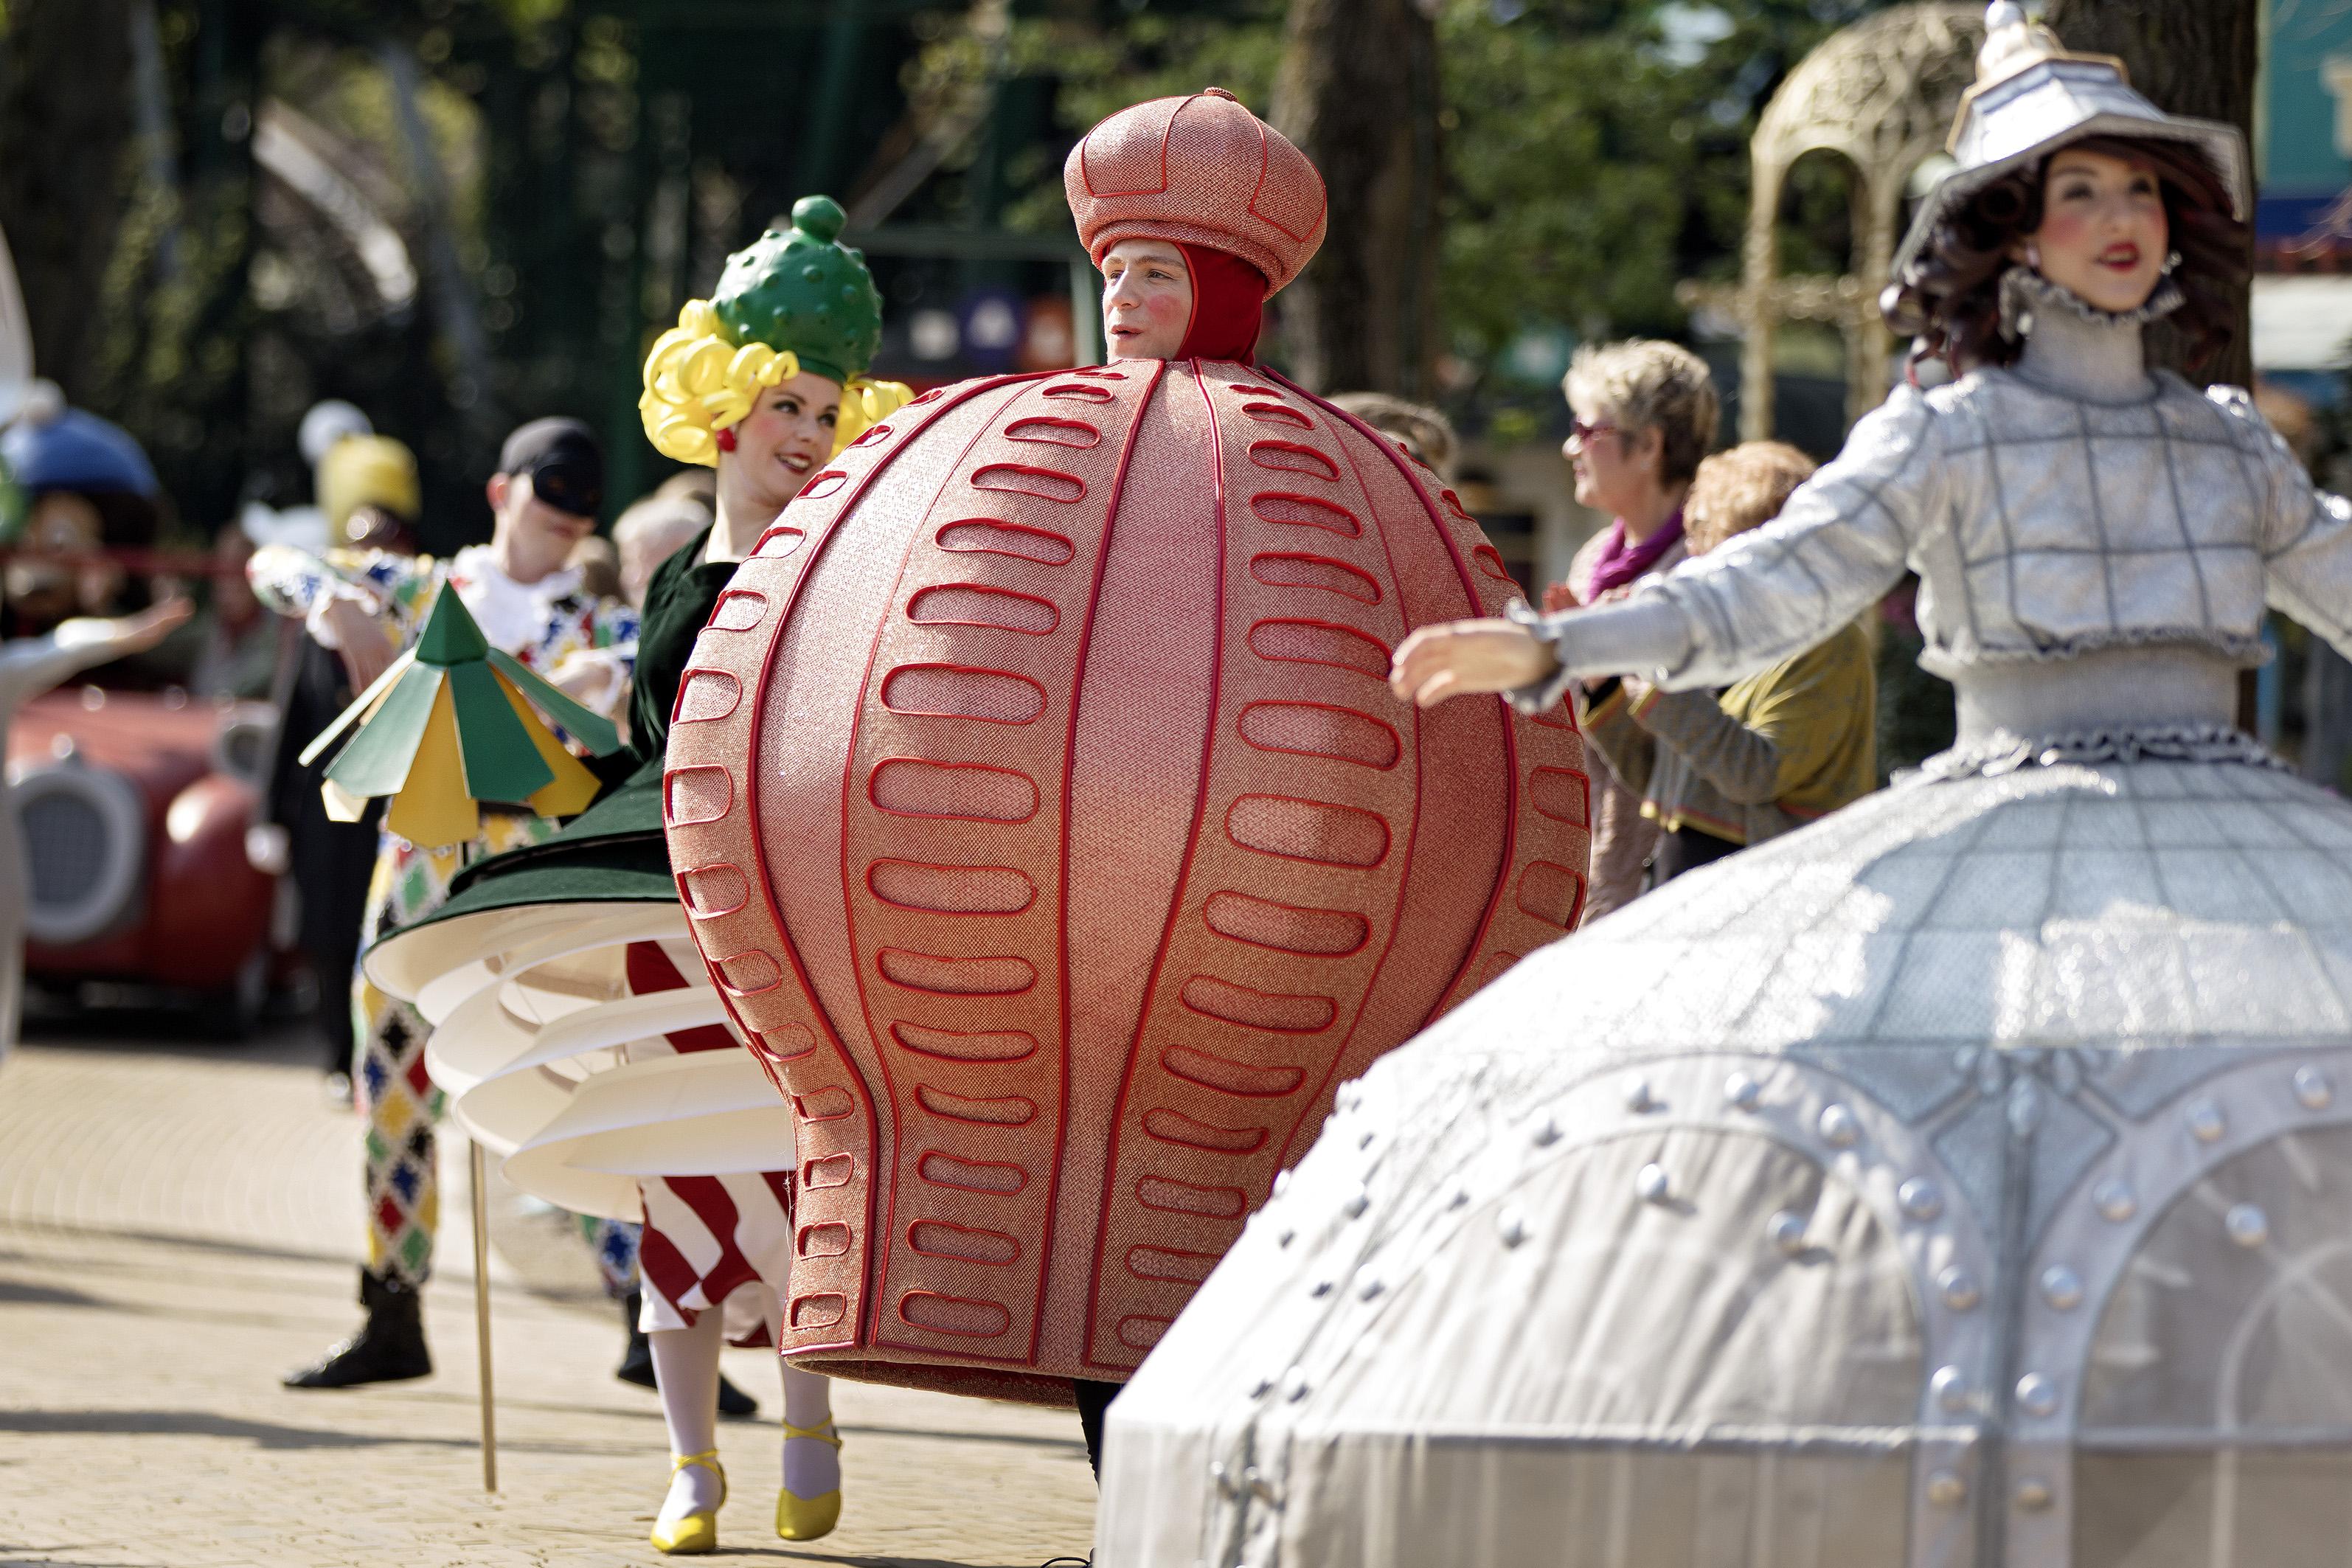 Fra generalprøven forleden på Tivolis jubilæumsparade, der blev gennemført en tidlig søndag morgen inden Tivoli åbnede. Foto for Tivoli: Agnete Schlichtkrull.